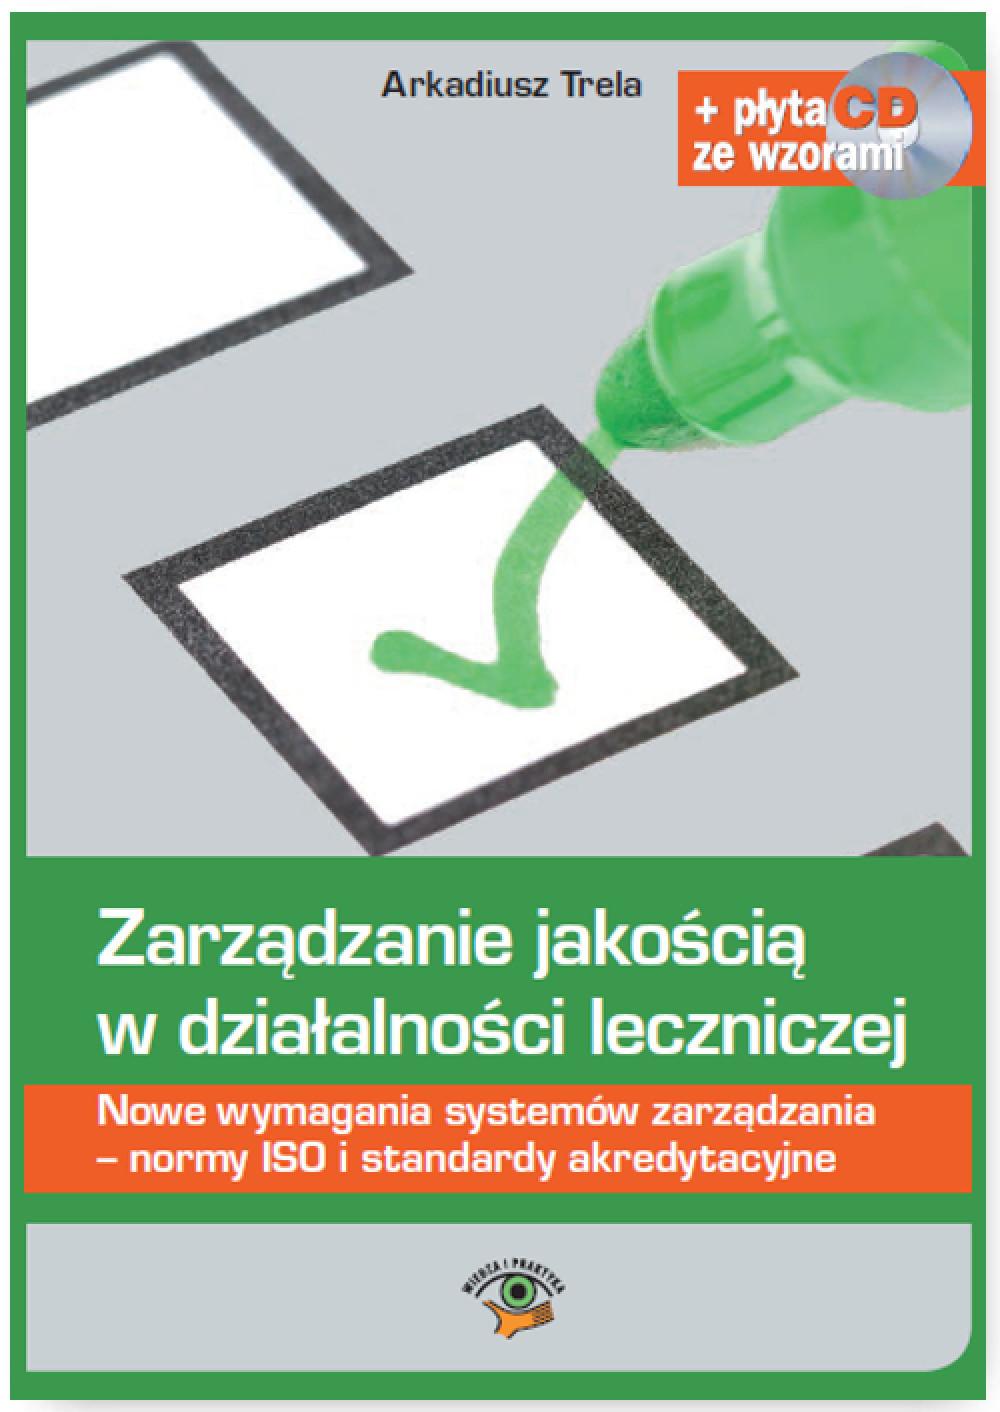 Zarządzanie jakością w działalności leczniczej. Nowe wymagania systemów zarządzania - normy ISO i standardy akredytacyjne ebook